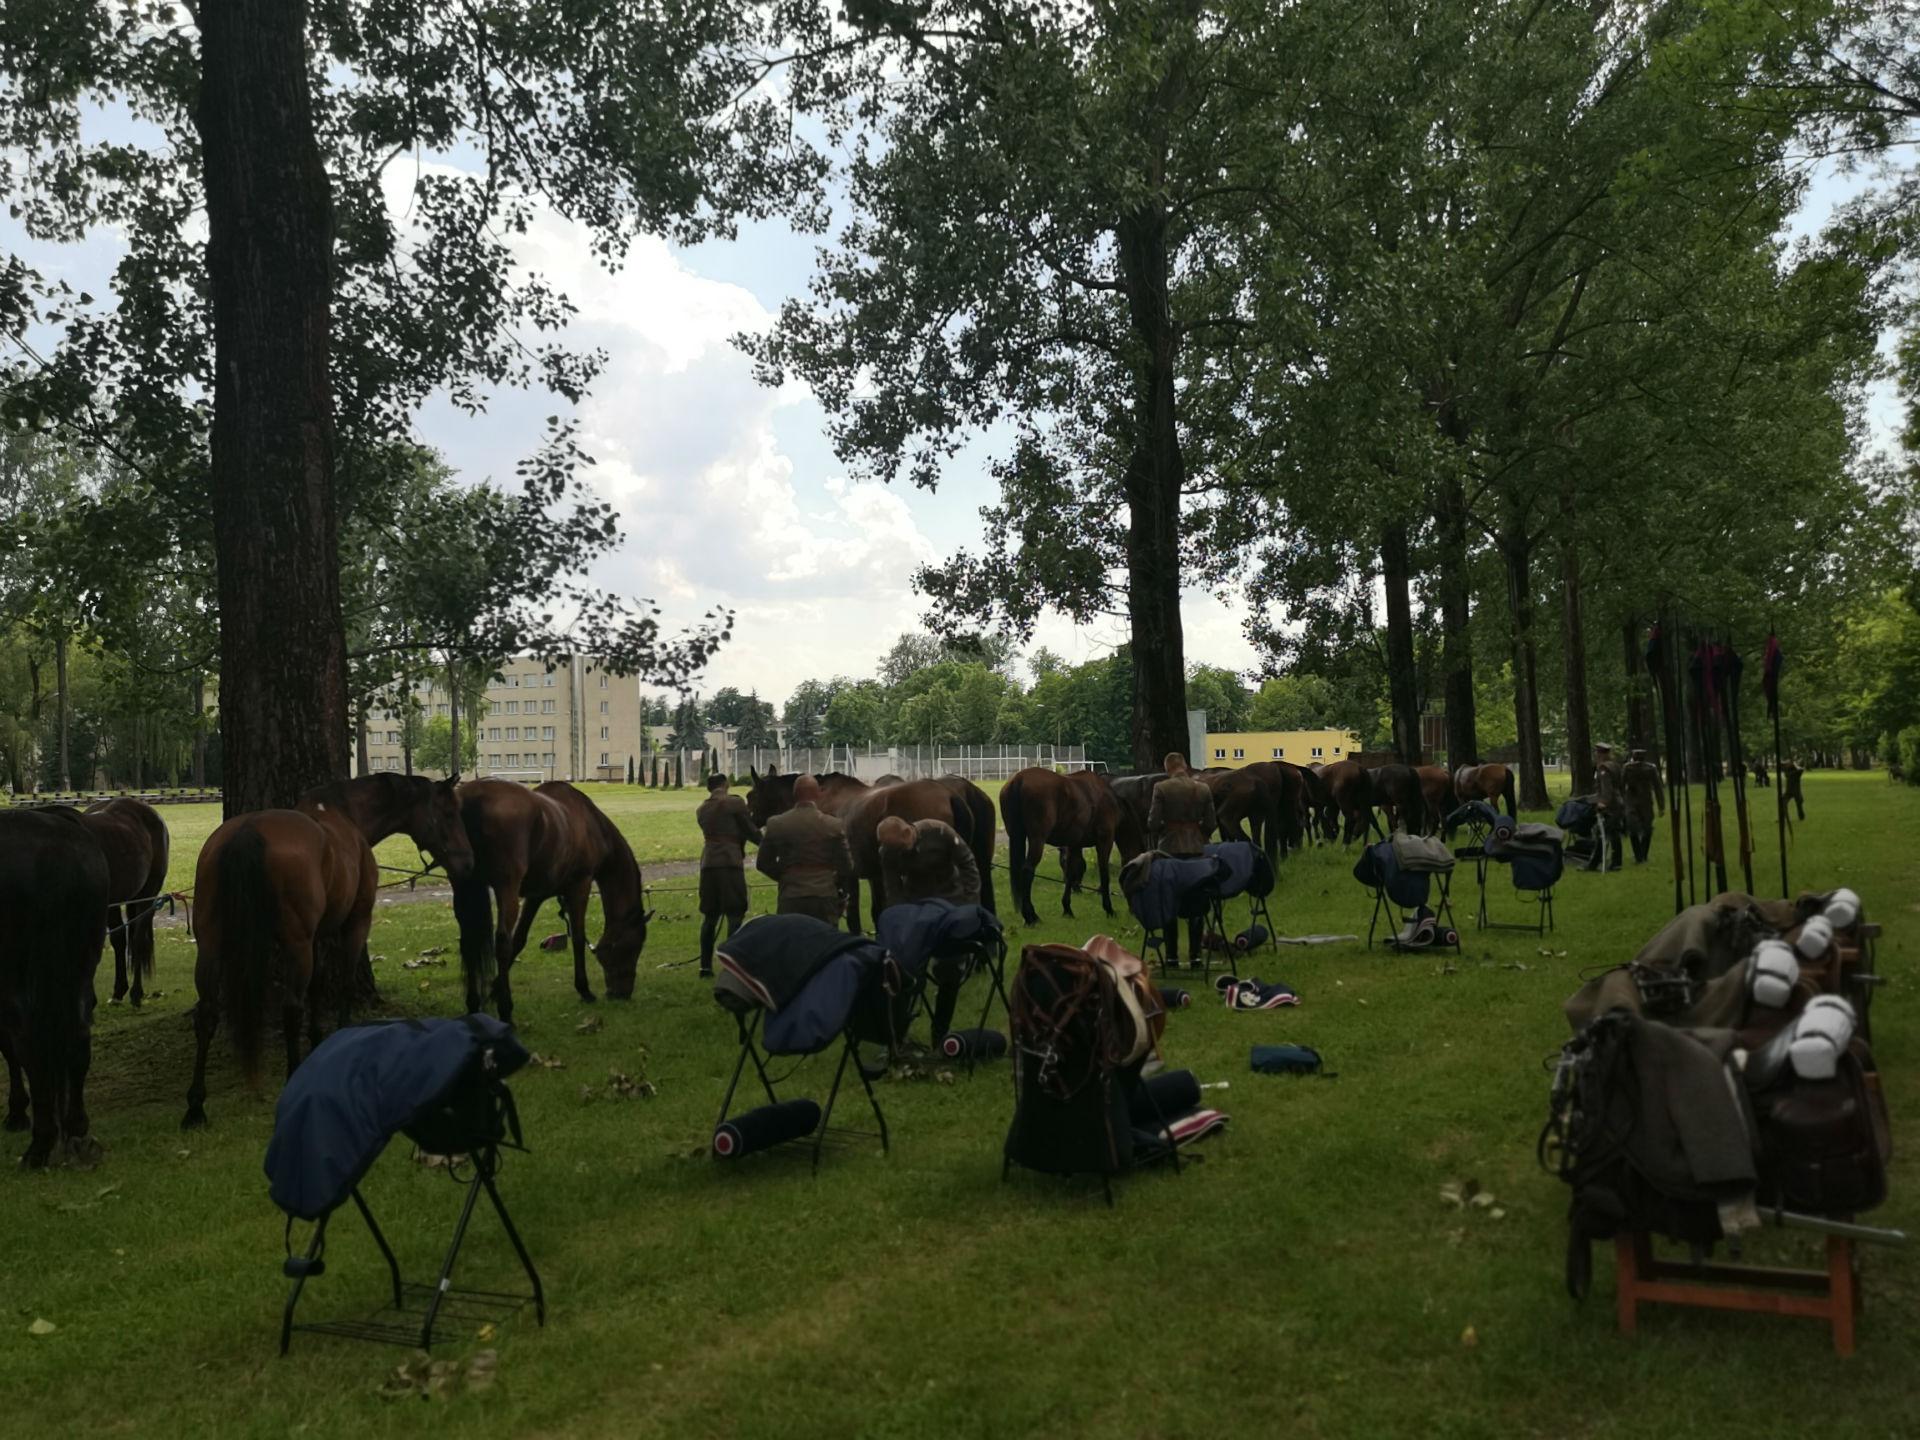 W cieniu drzew oporządzane jest liczne stado koni. Na pierwszym planie stojaki z ekwipunkiem jeździeckim oraz wyposażenie żołnierzy.